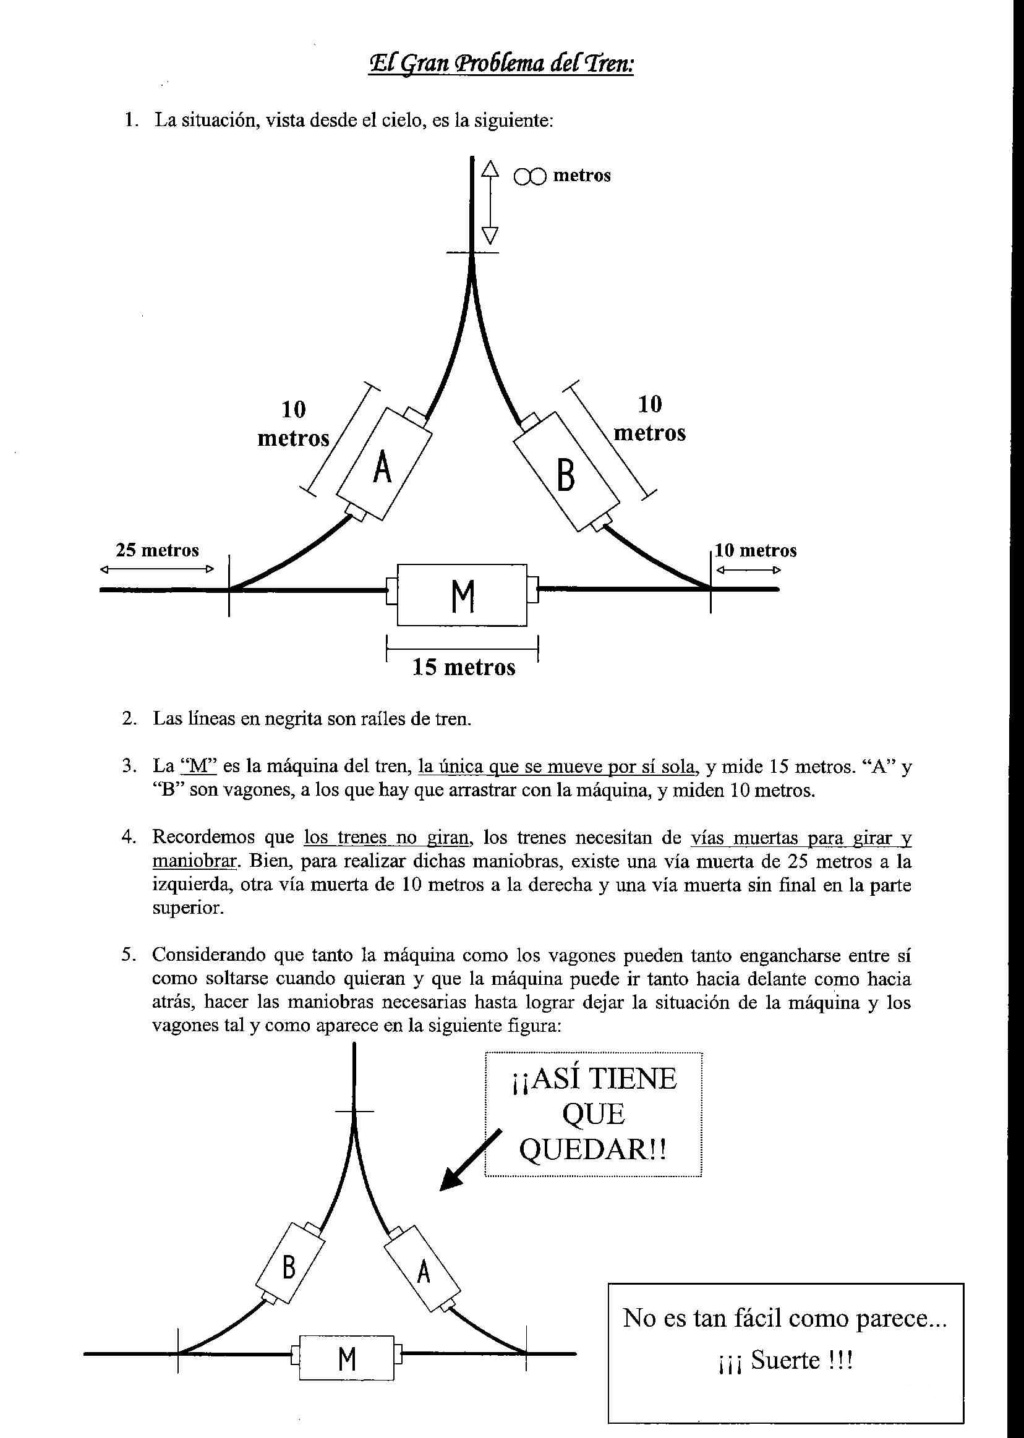 Acertijos y problemas de lógica (y dejaos de polleces) - Página 6 El_gra10